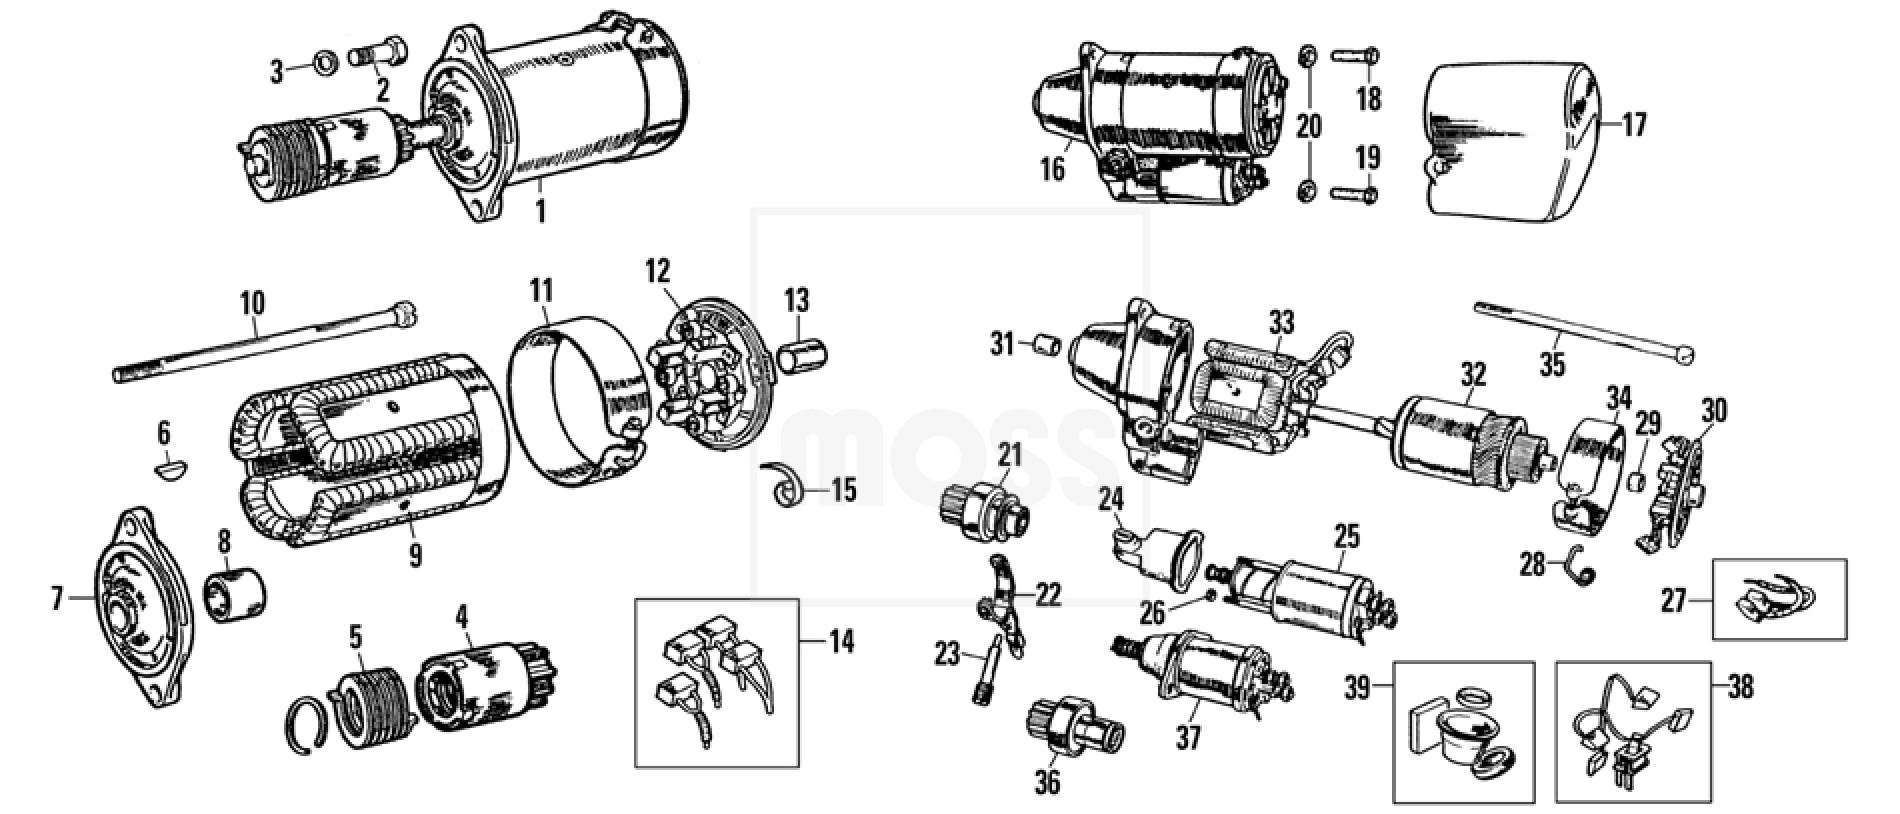 Fuse Box Mazda Protege